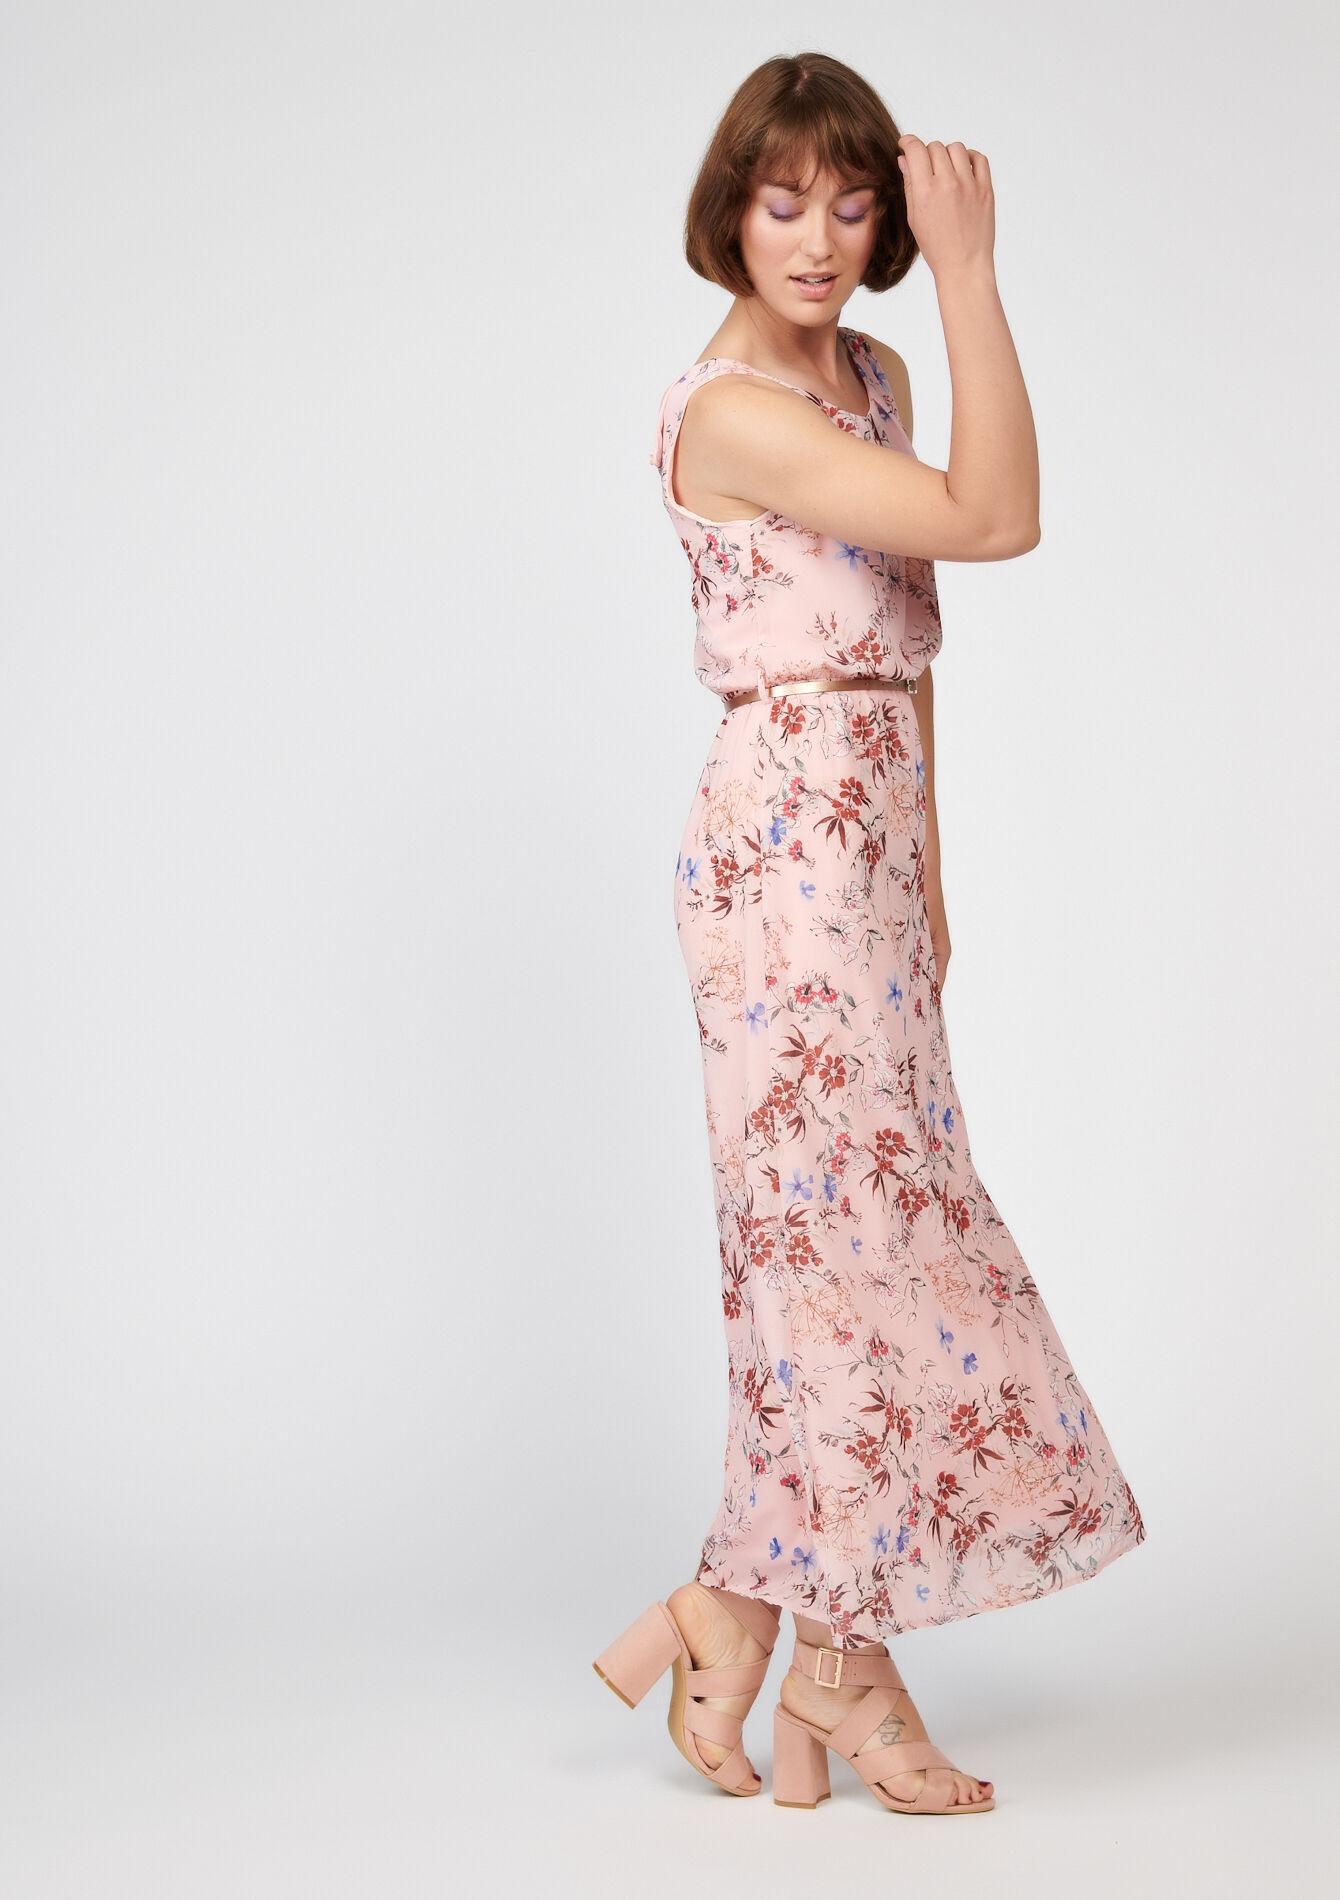 Imprimé Lolaliza Imprimé Floral Robe Floral Robe Longue Longue shrdtQC